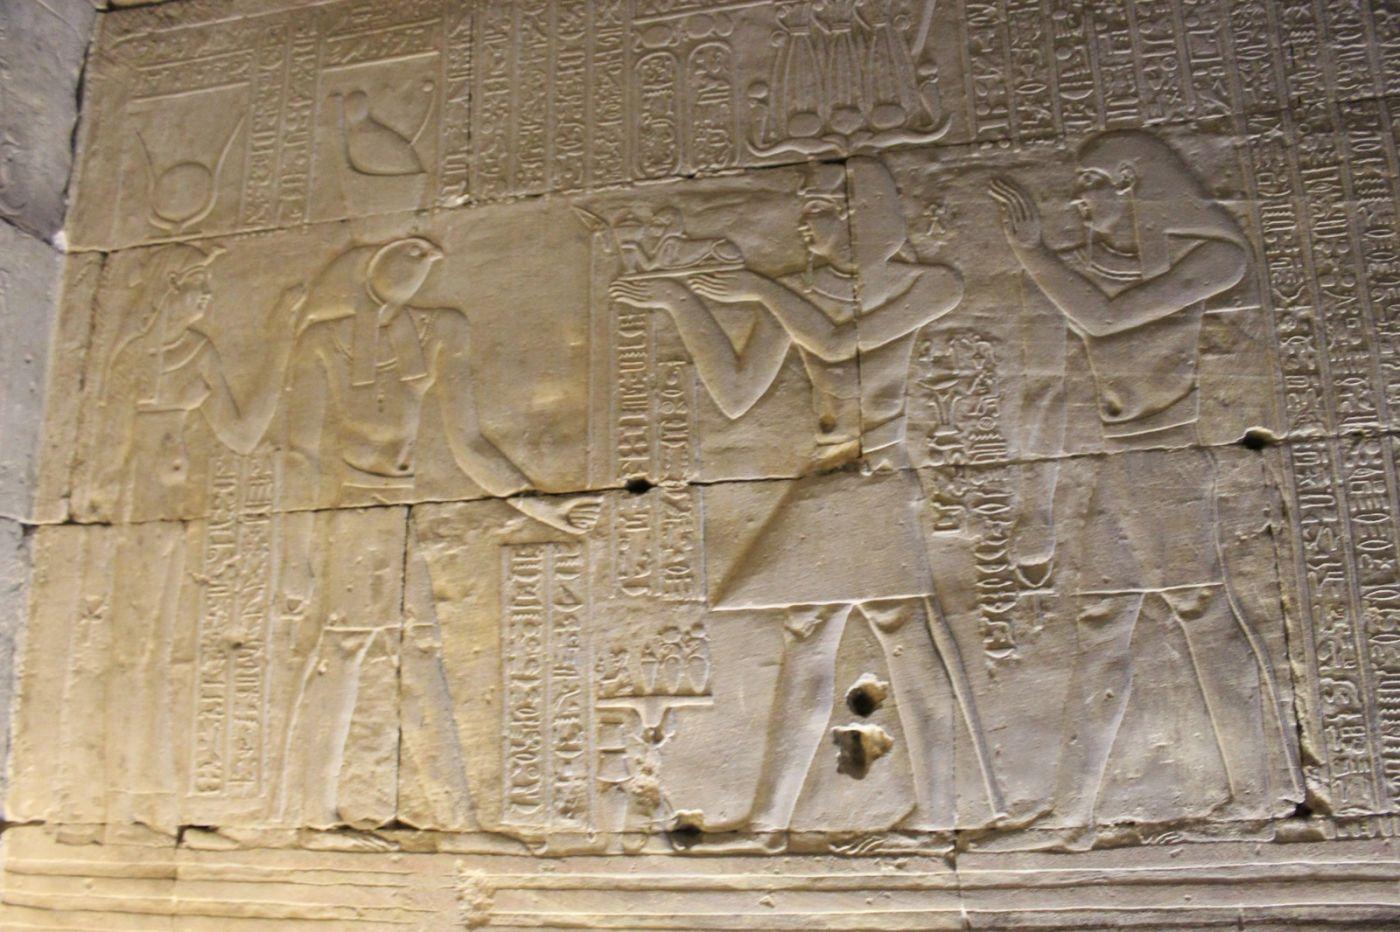 埃德富神庙和卢克索神庙_图1-12